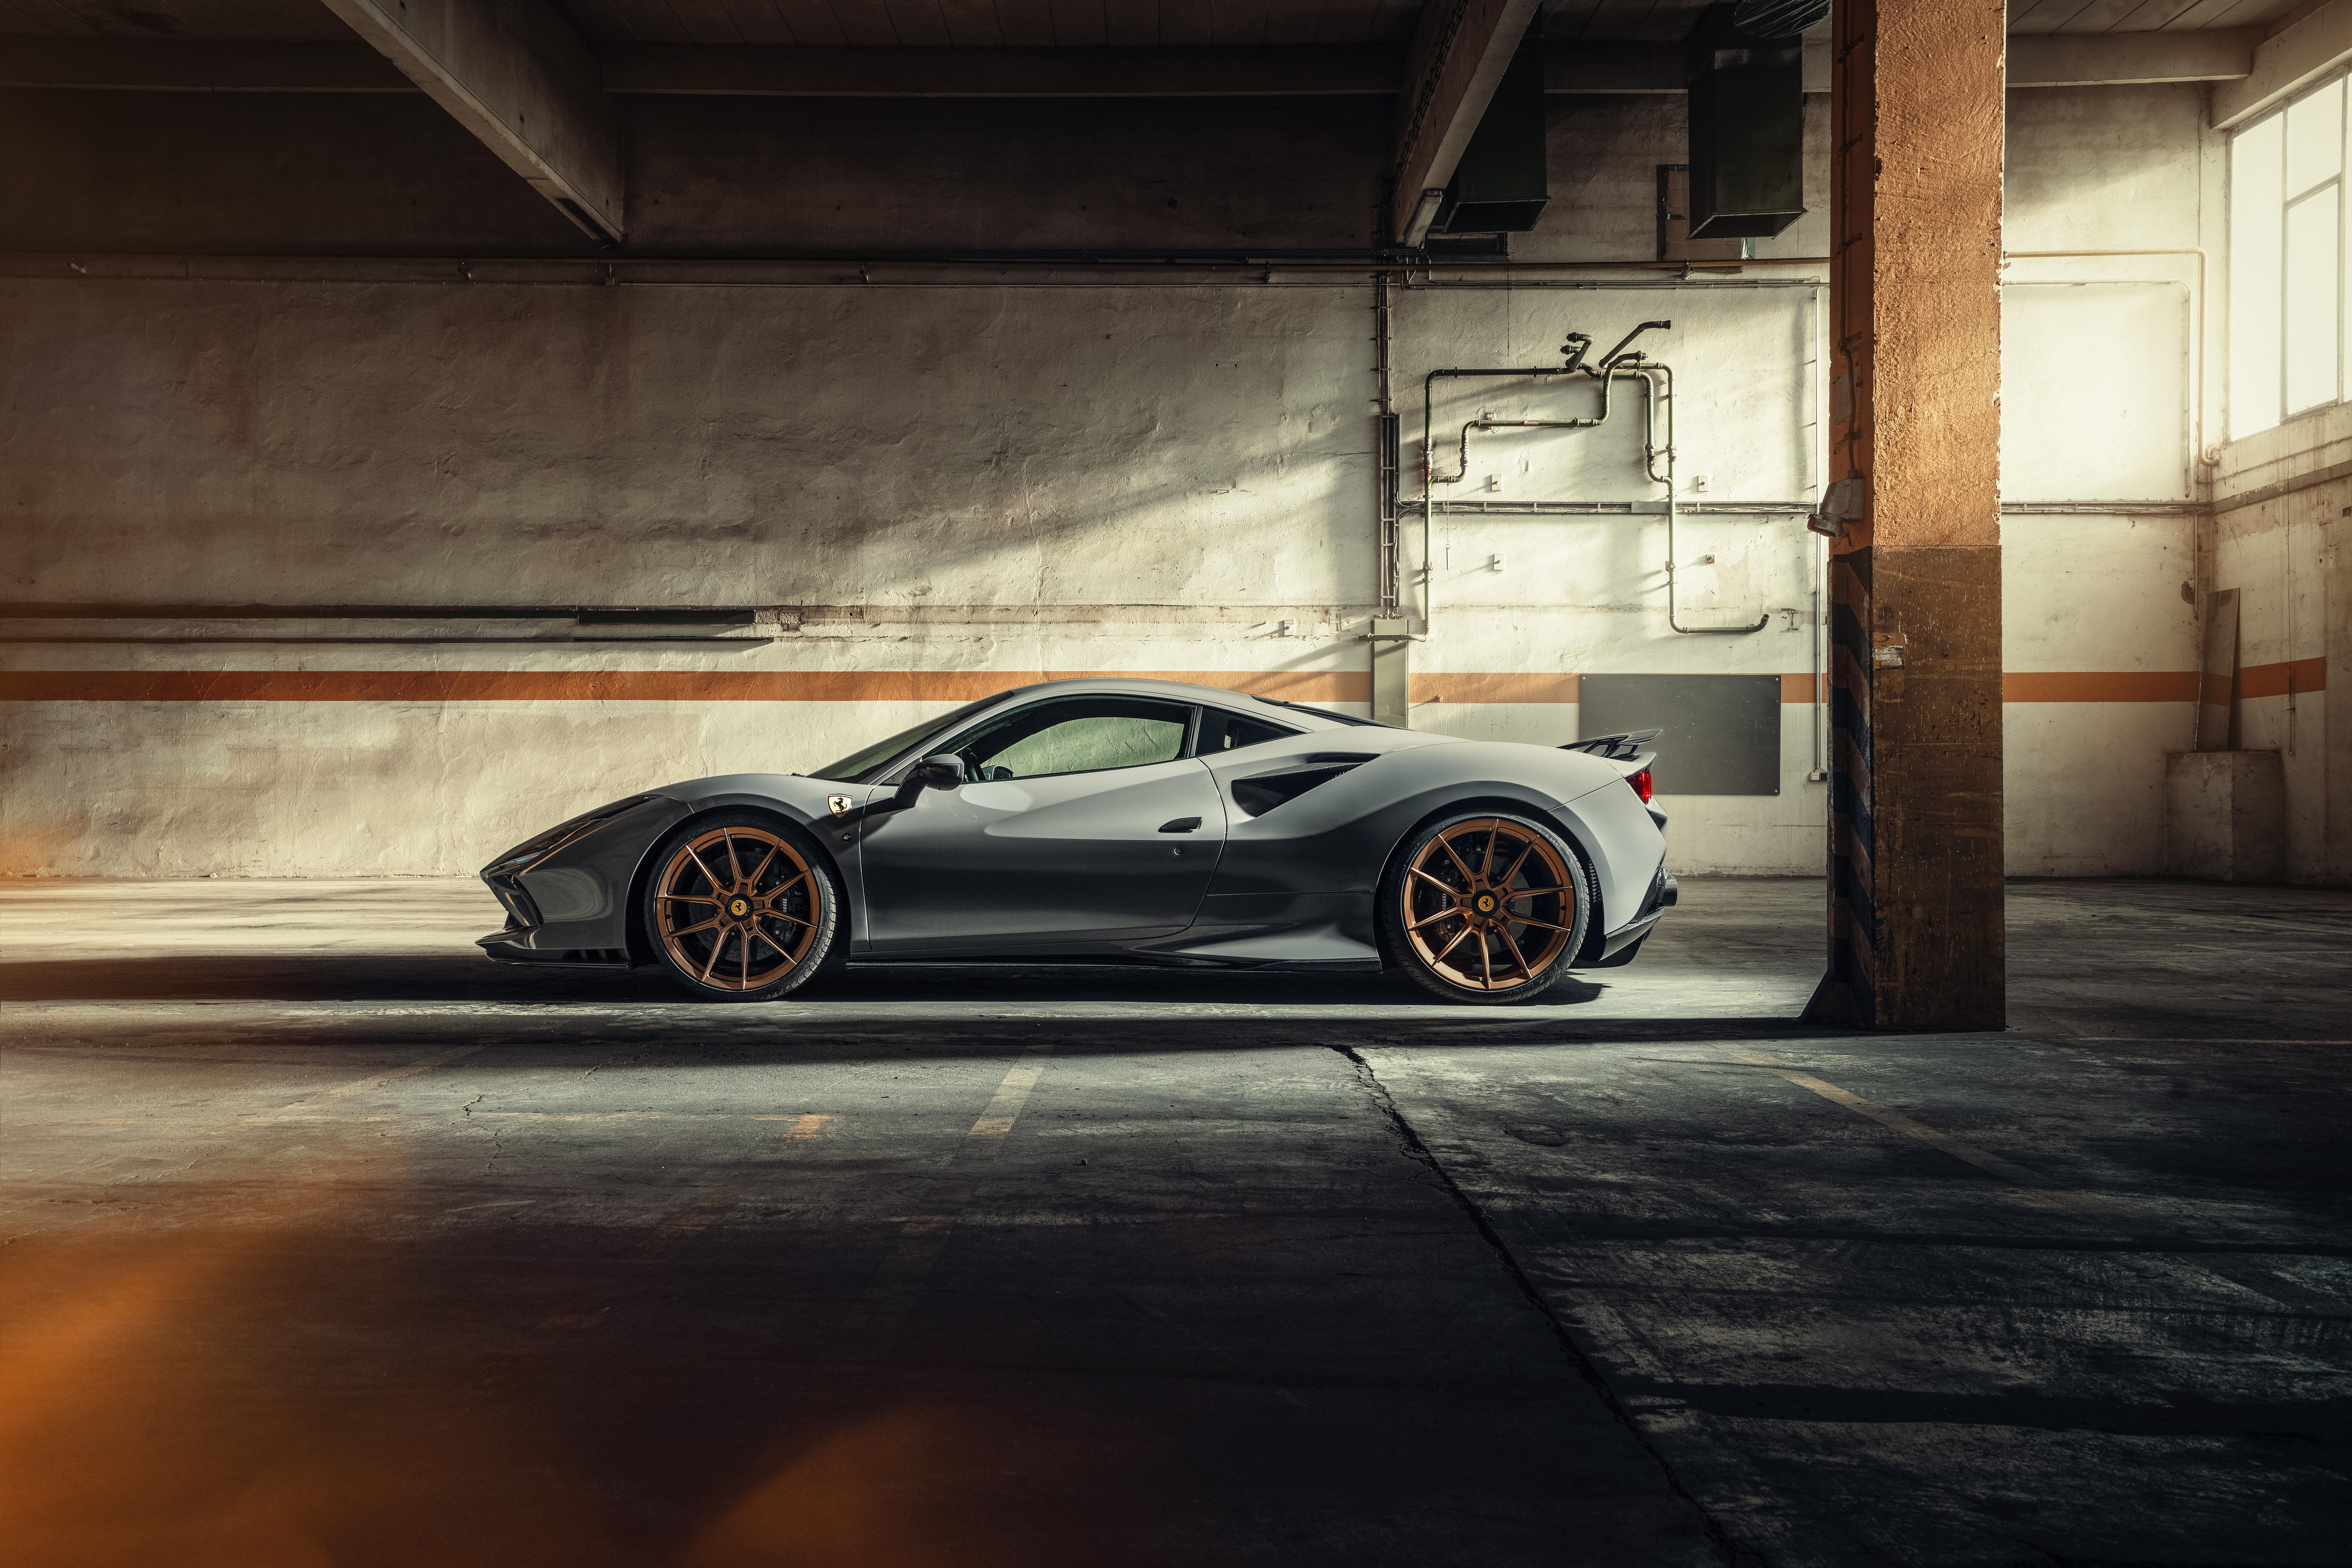 2021 novitec ferrari f8 tributo 4k 1614631670 - 2021 Novitec Ferrari F8 Tributo 4k - 2021 Novitec Ferrari F8 Tributo 4k wallpapers